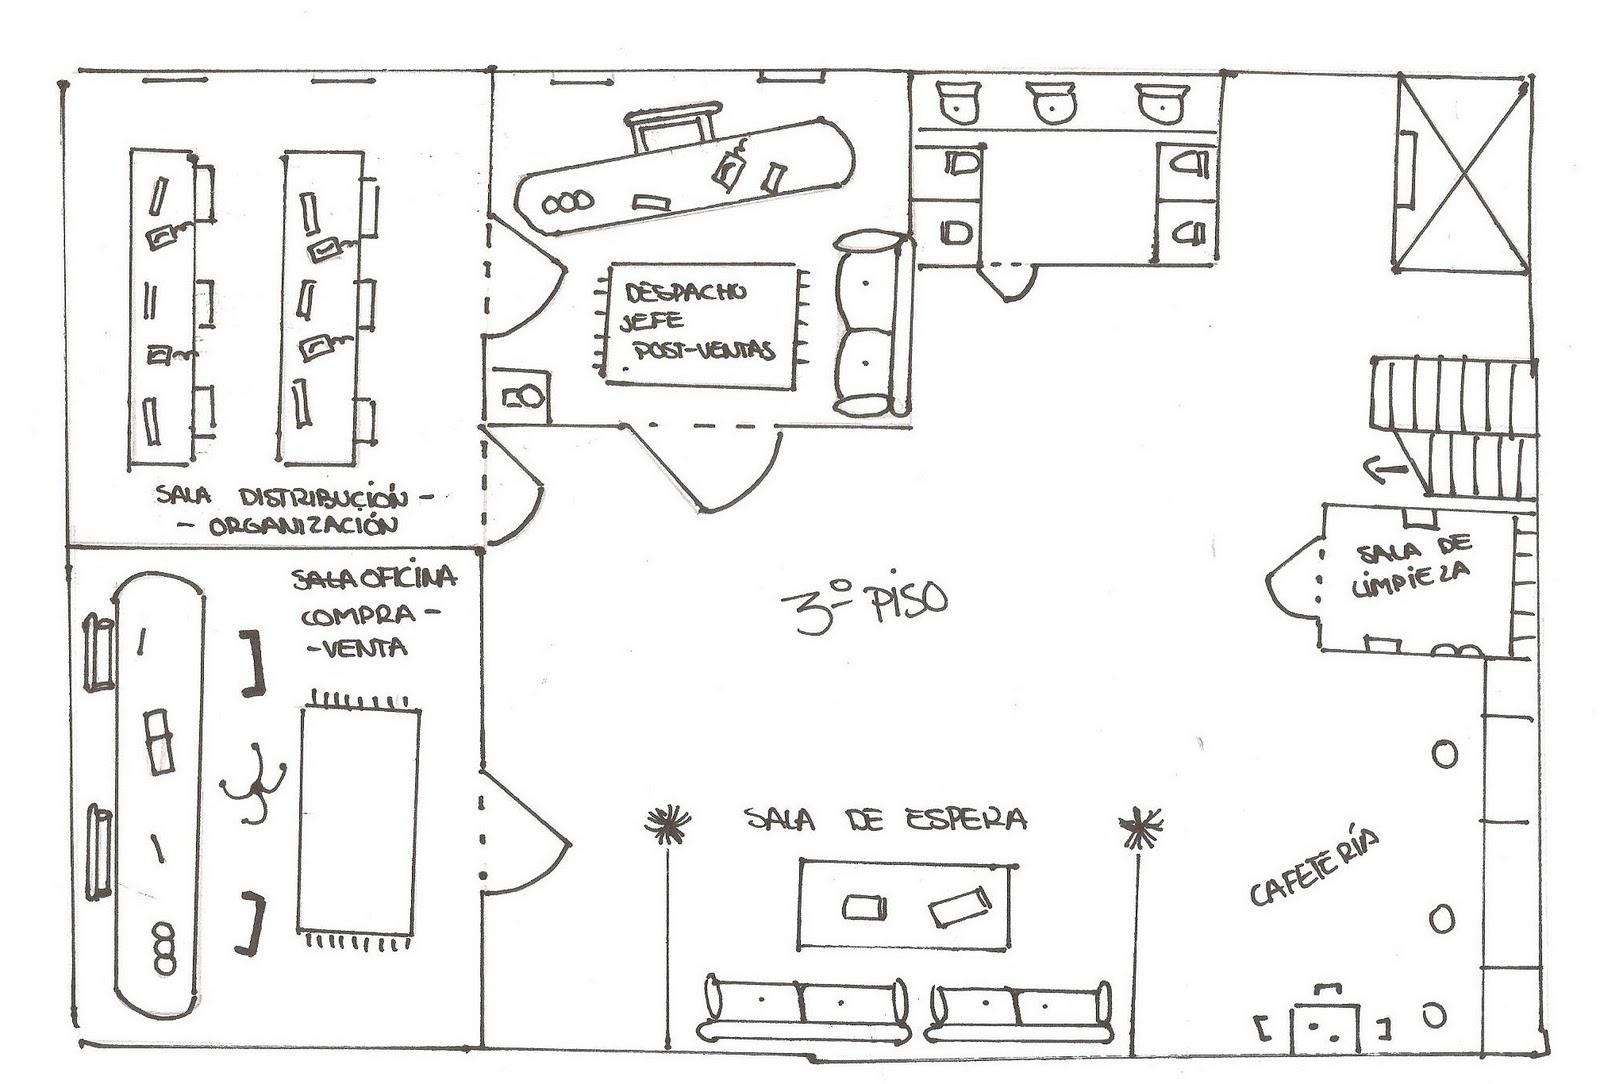 Saro creations planos de la empresa for Eliminar electricidad estatica oficina